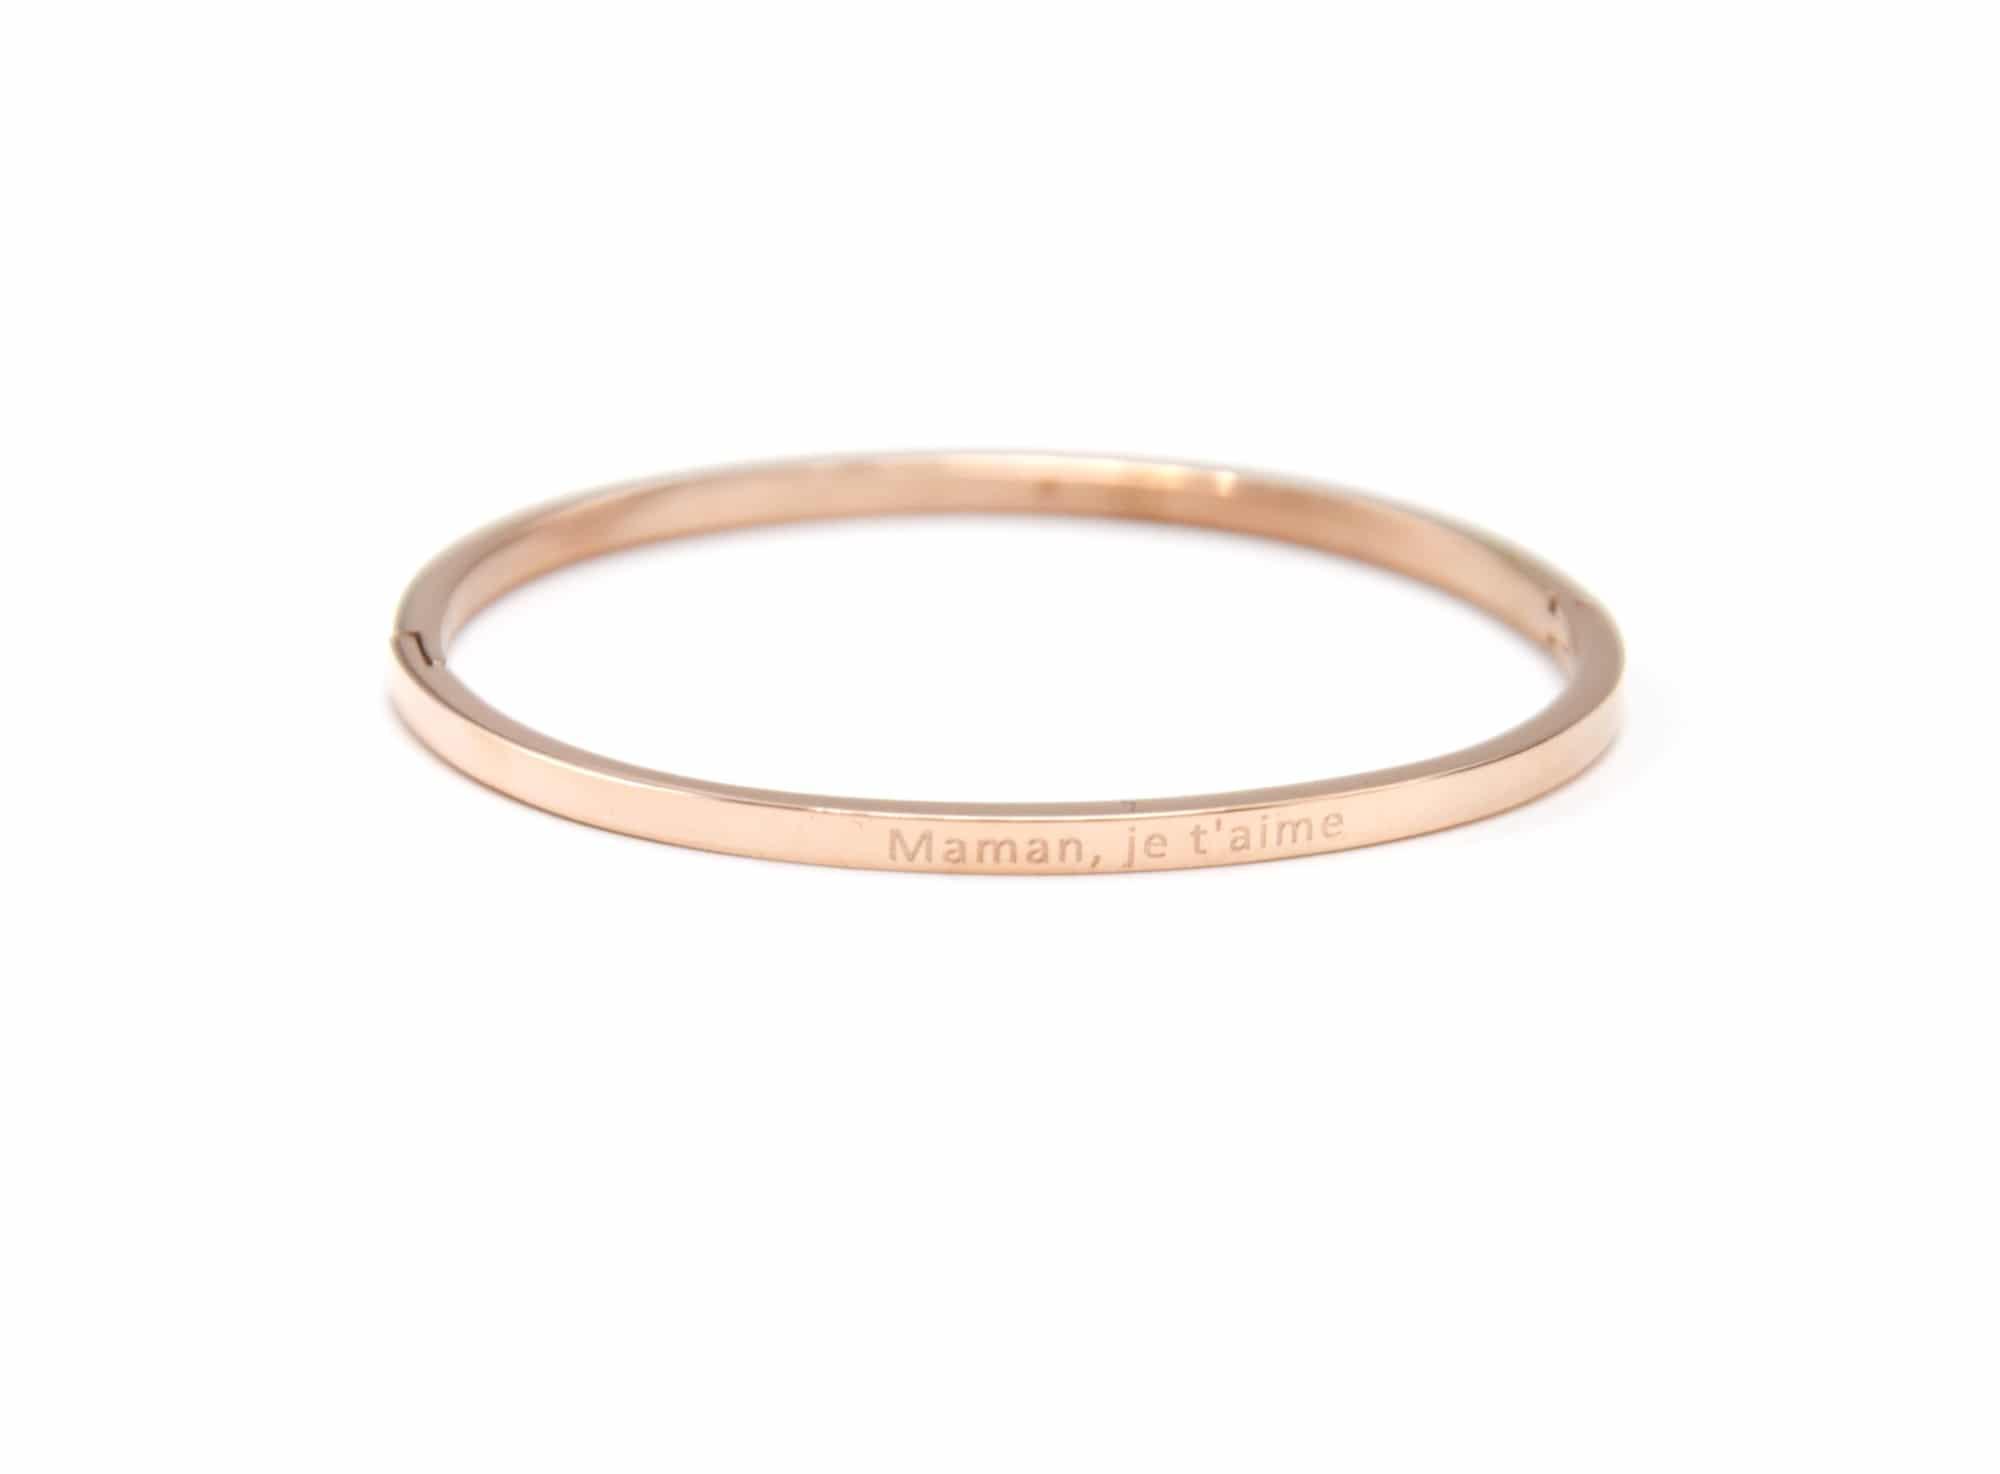 nouveau sélection qualité parfaite nouveau produit BC2295F - Bracelet Jonc Fin Acier Or Rose avec Message Maman, je t'aime